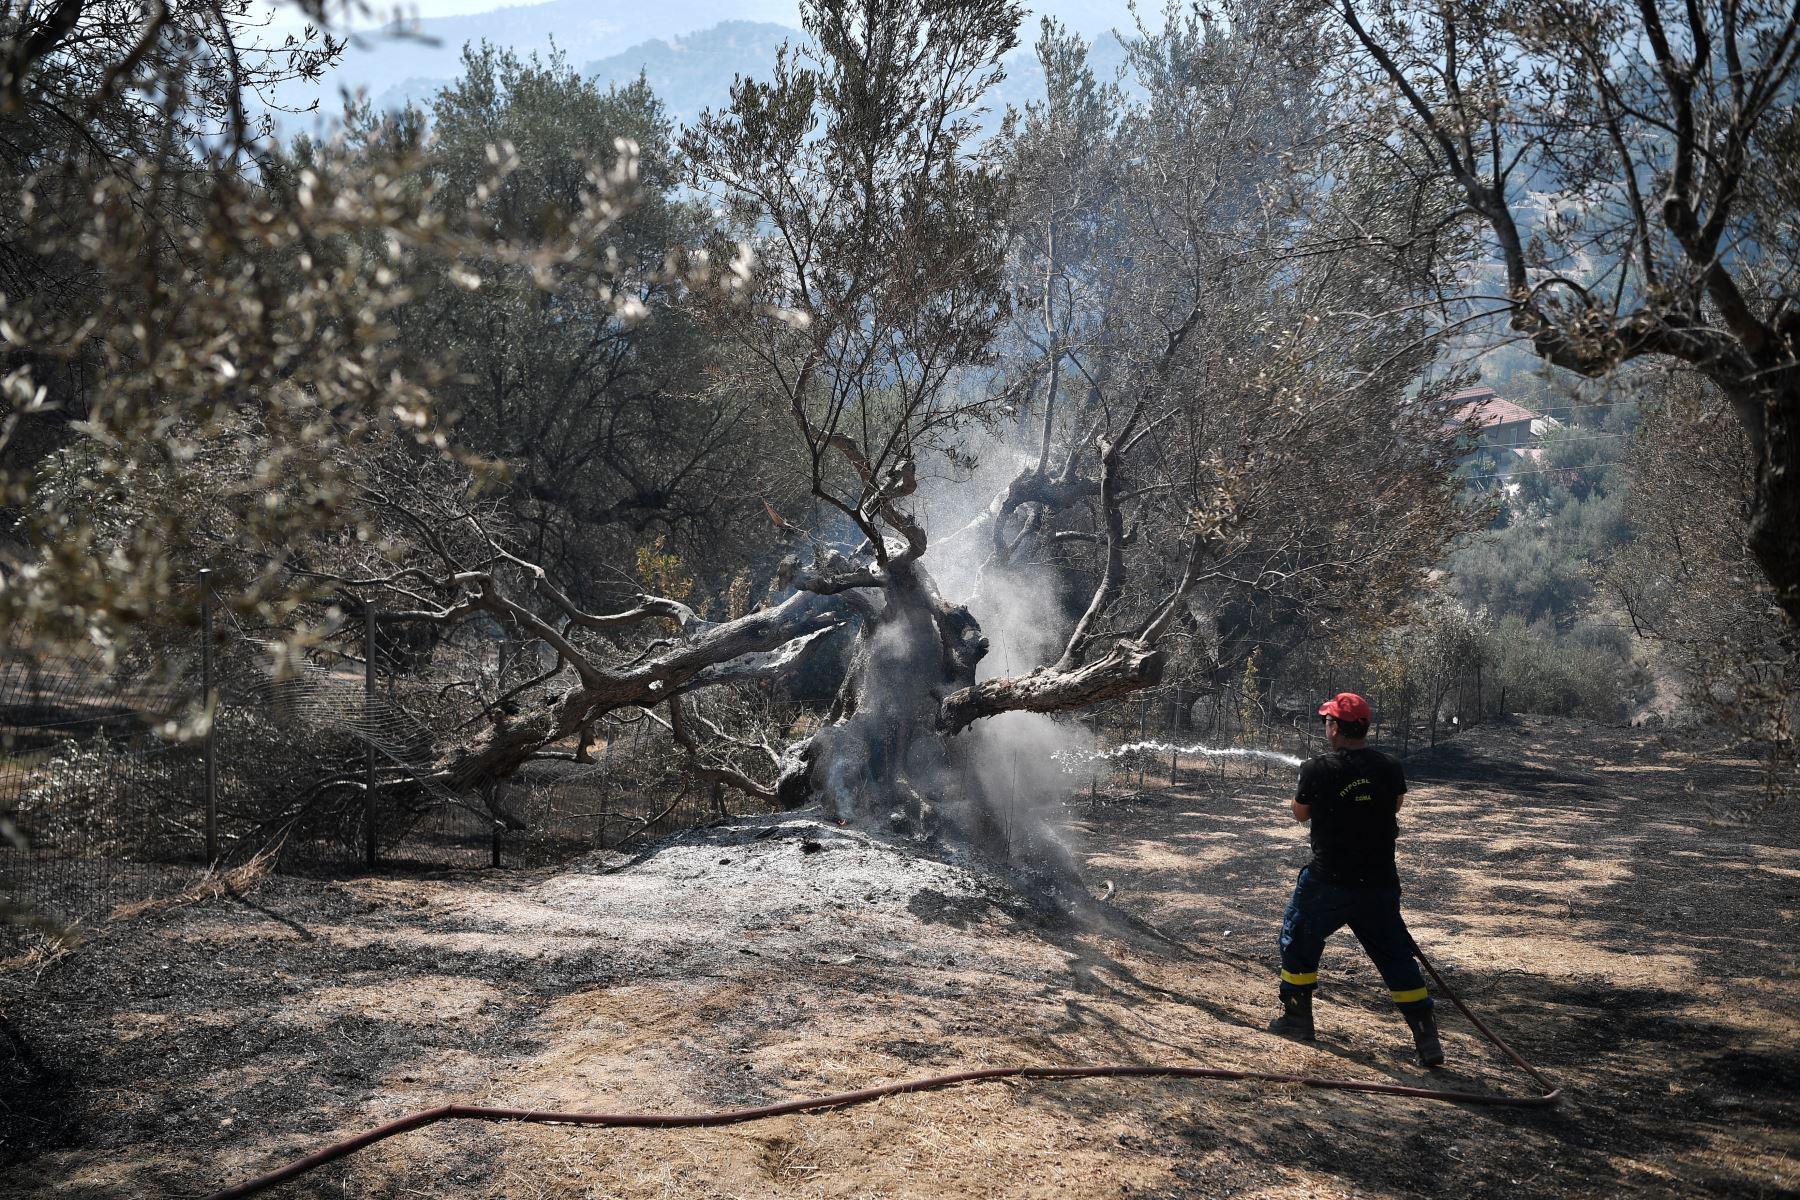 Un bombero riega un árbol quemado en Ziria, cerca de Patras. Cerca de 300 bomberos, dos aviones bombarderos de agua y cinco helicópteros estaban luchando para apagar un incendio forestal en Grecia. Foto: AFP